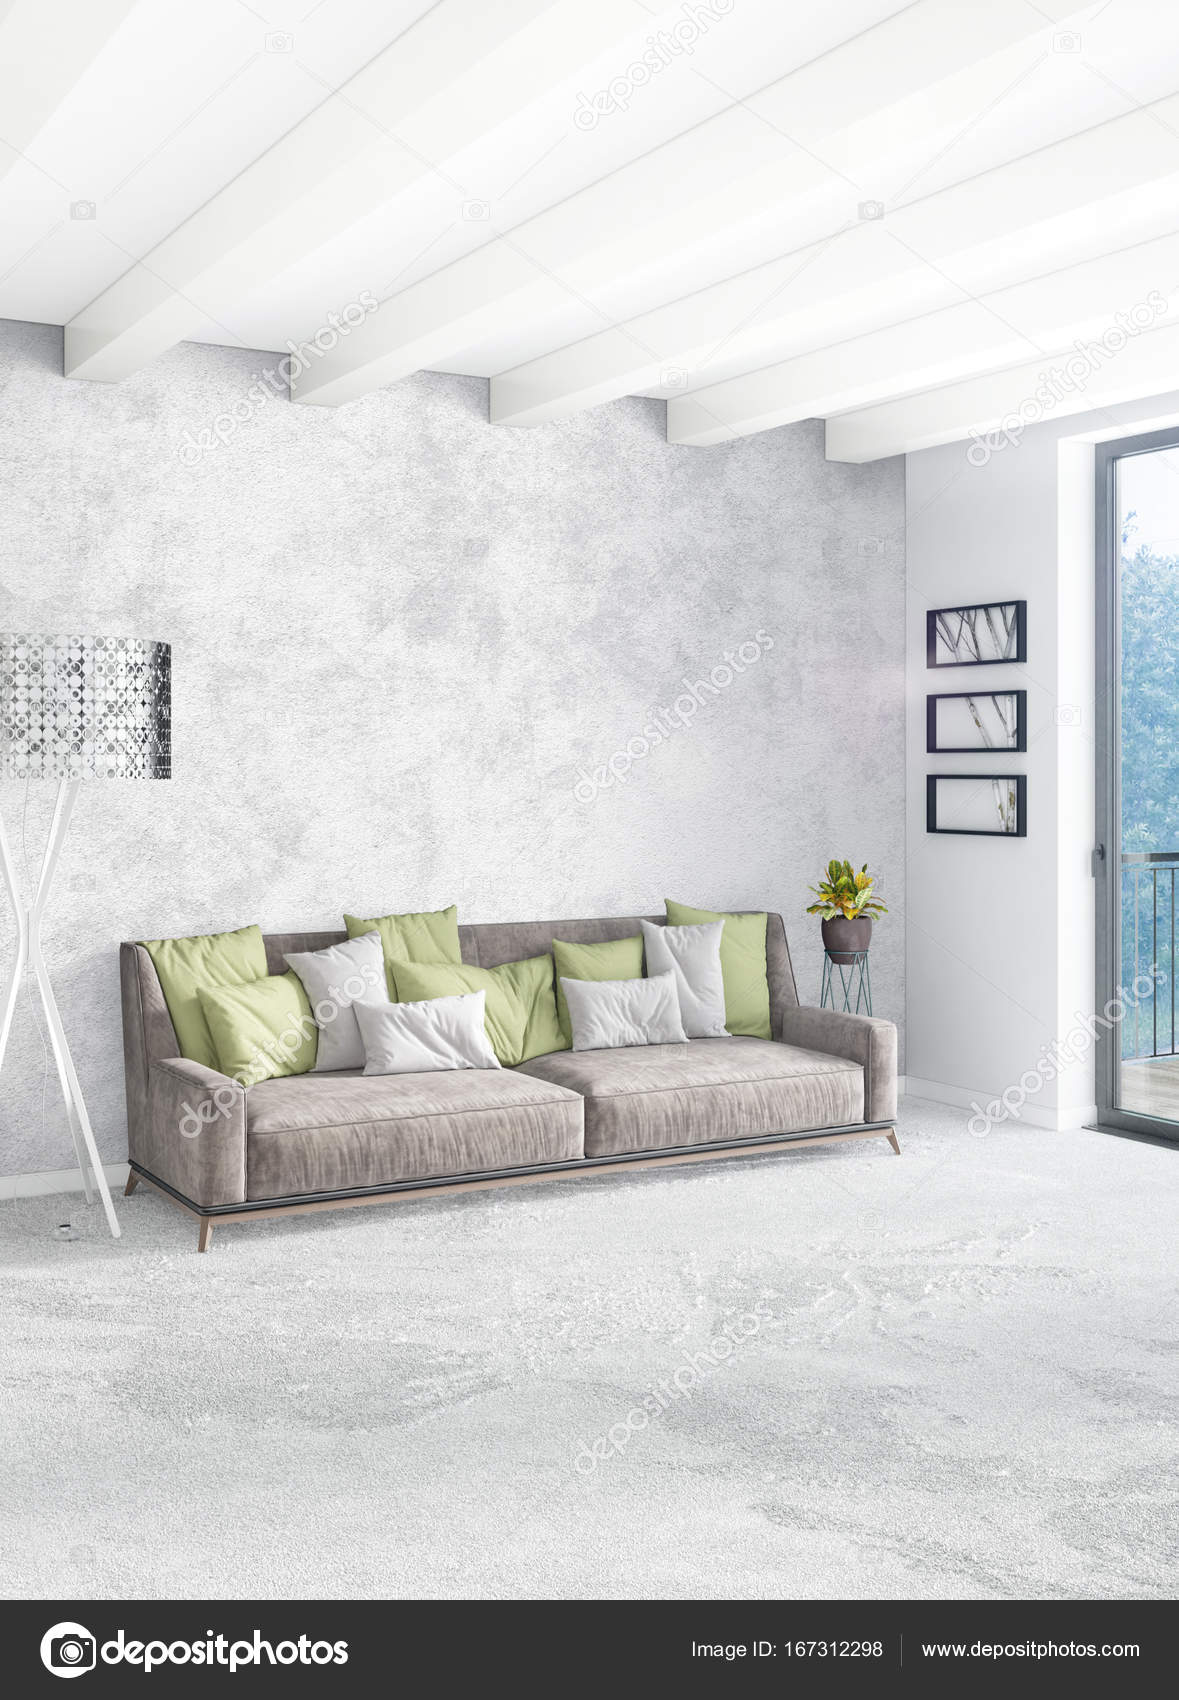 Stile minimal design con parete in legno e divano grigio di camera ...